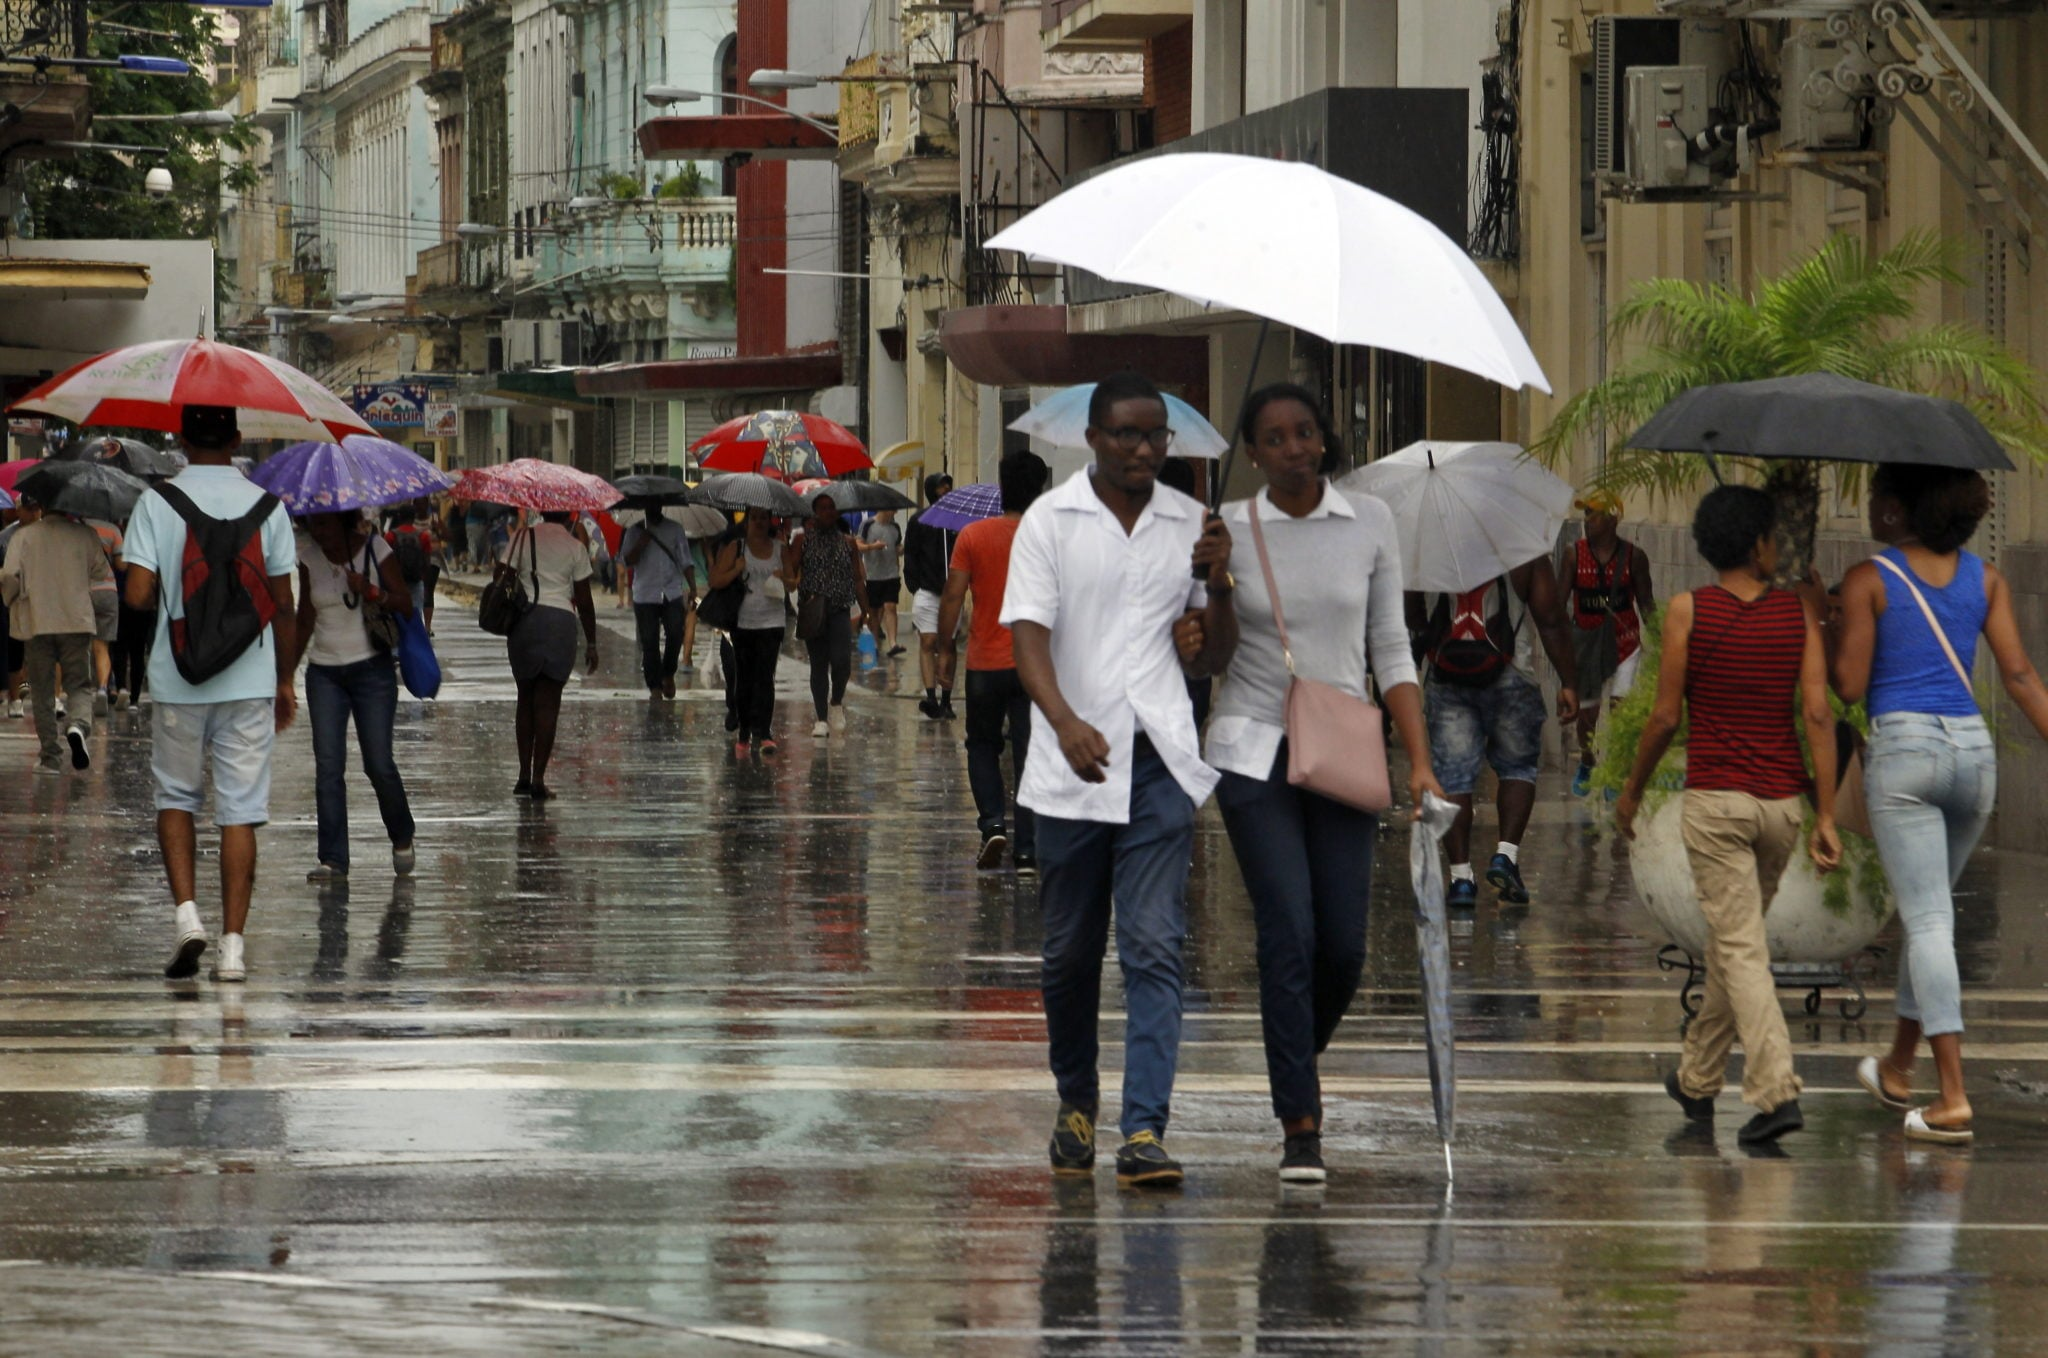 Ulewy w stolicy Kuby, Havanie, Kubę, w ostatnich dniach, odwiedzają też silne wichury, fot: Ernesto Mastrascusa, PAP/EPA fot: